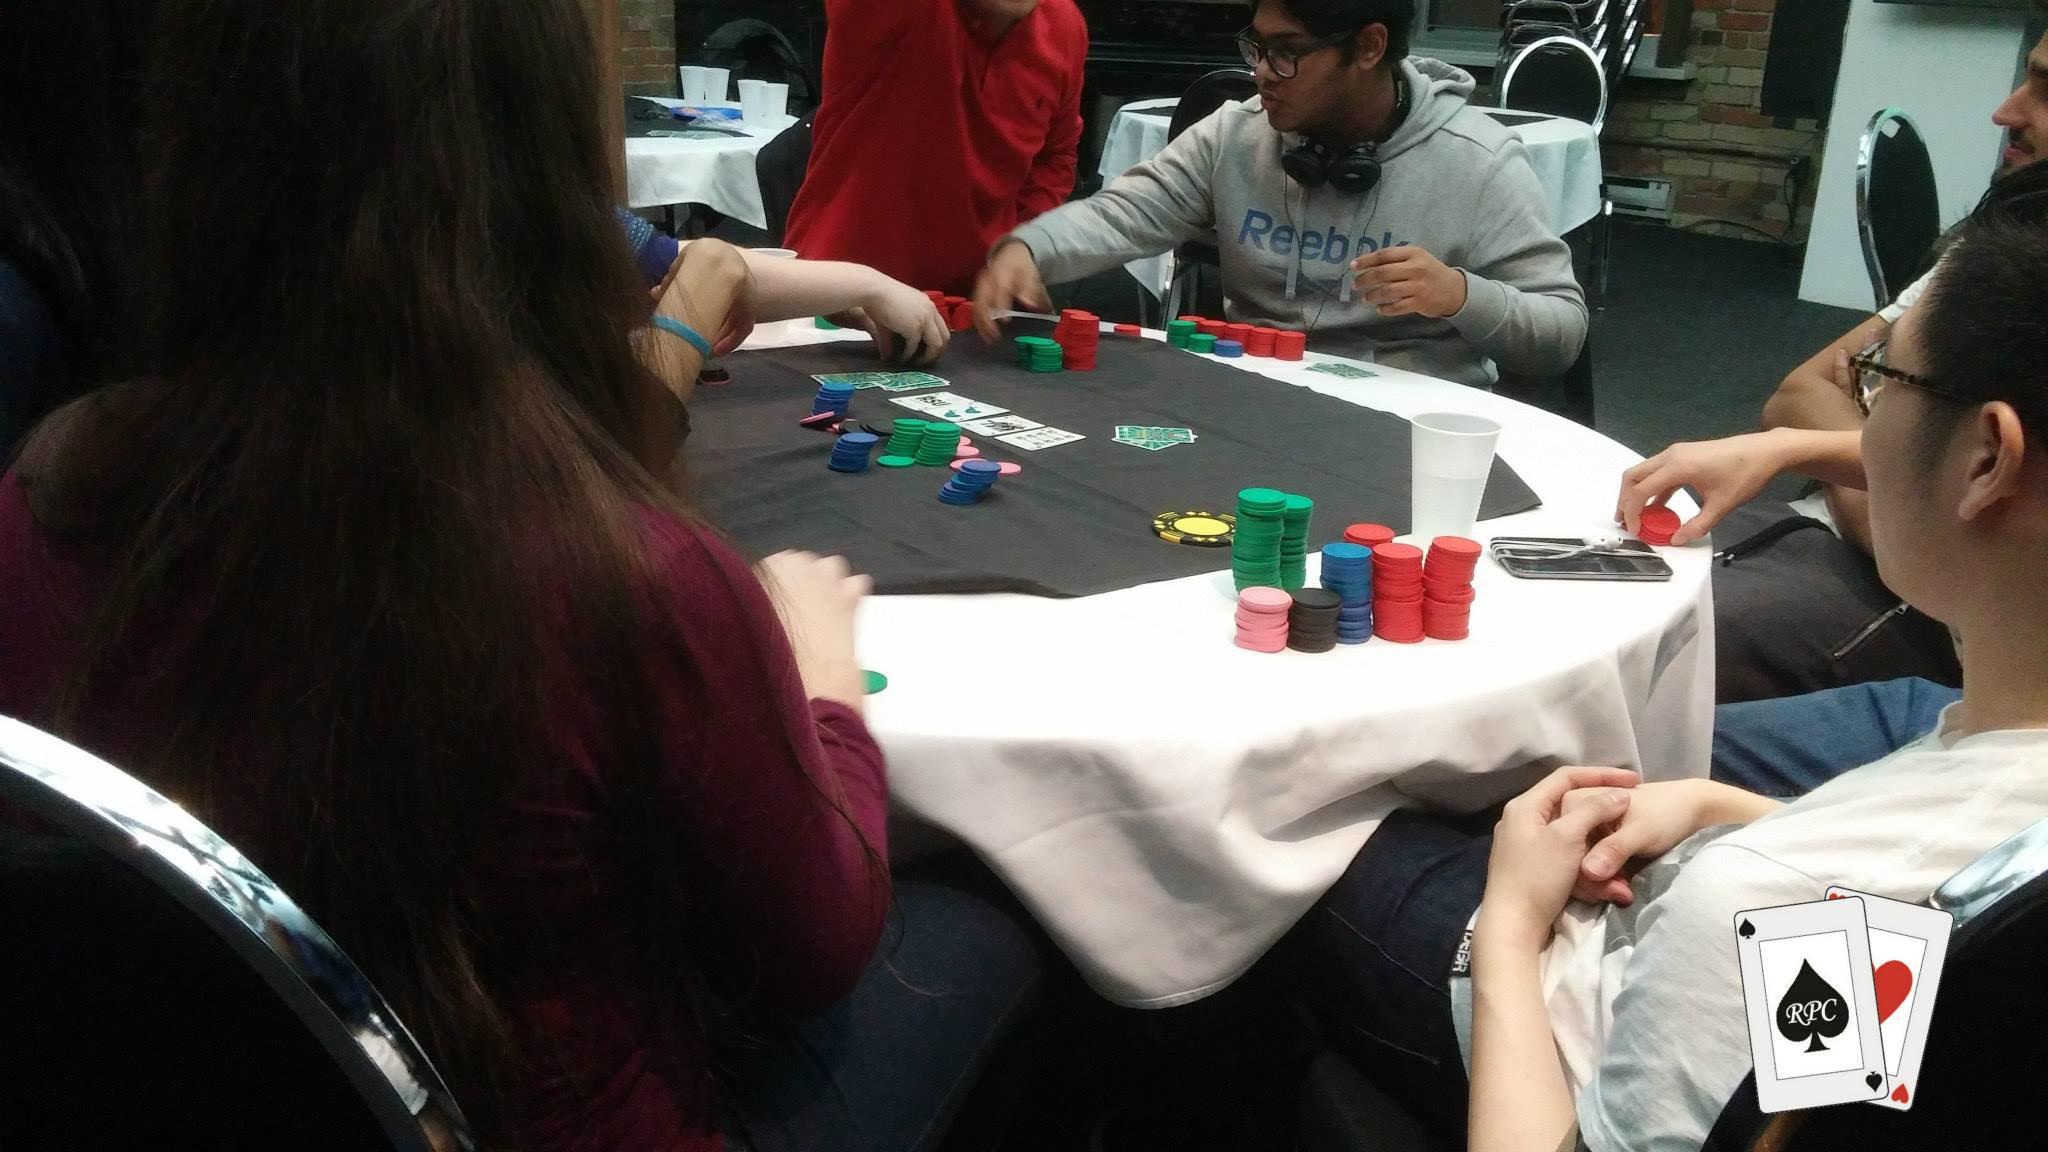 poker club in actio0n